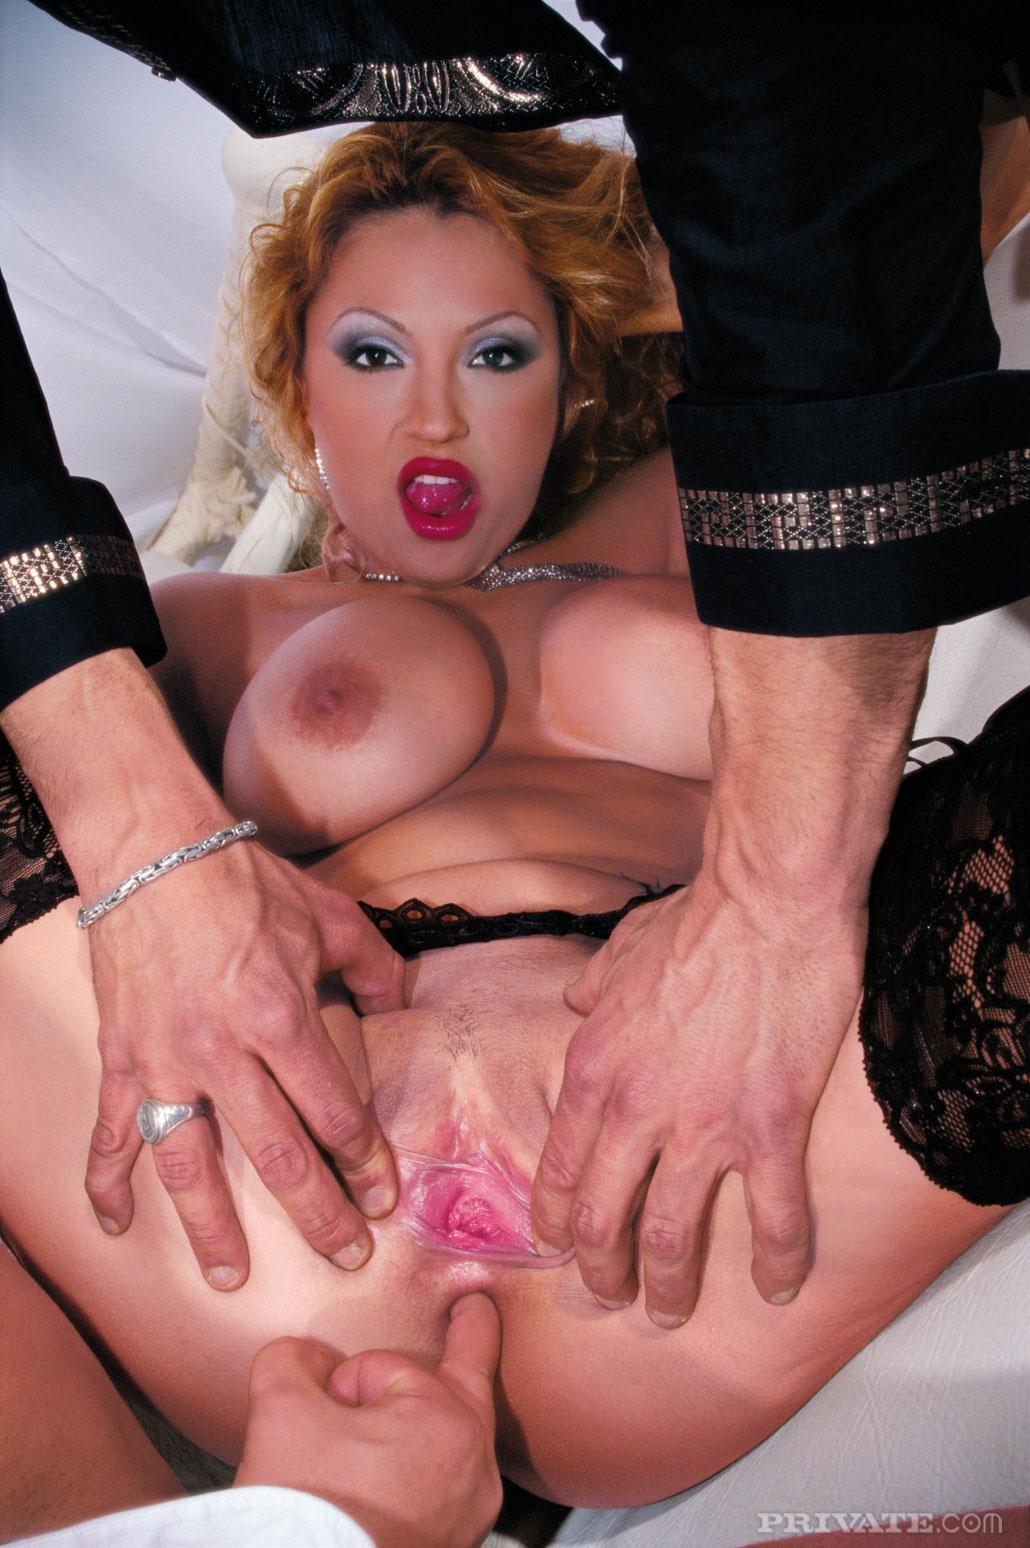 Секс с офигенными сиськами 22 фотография